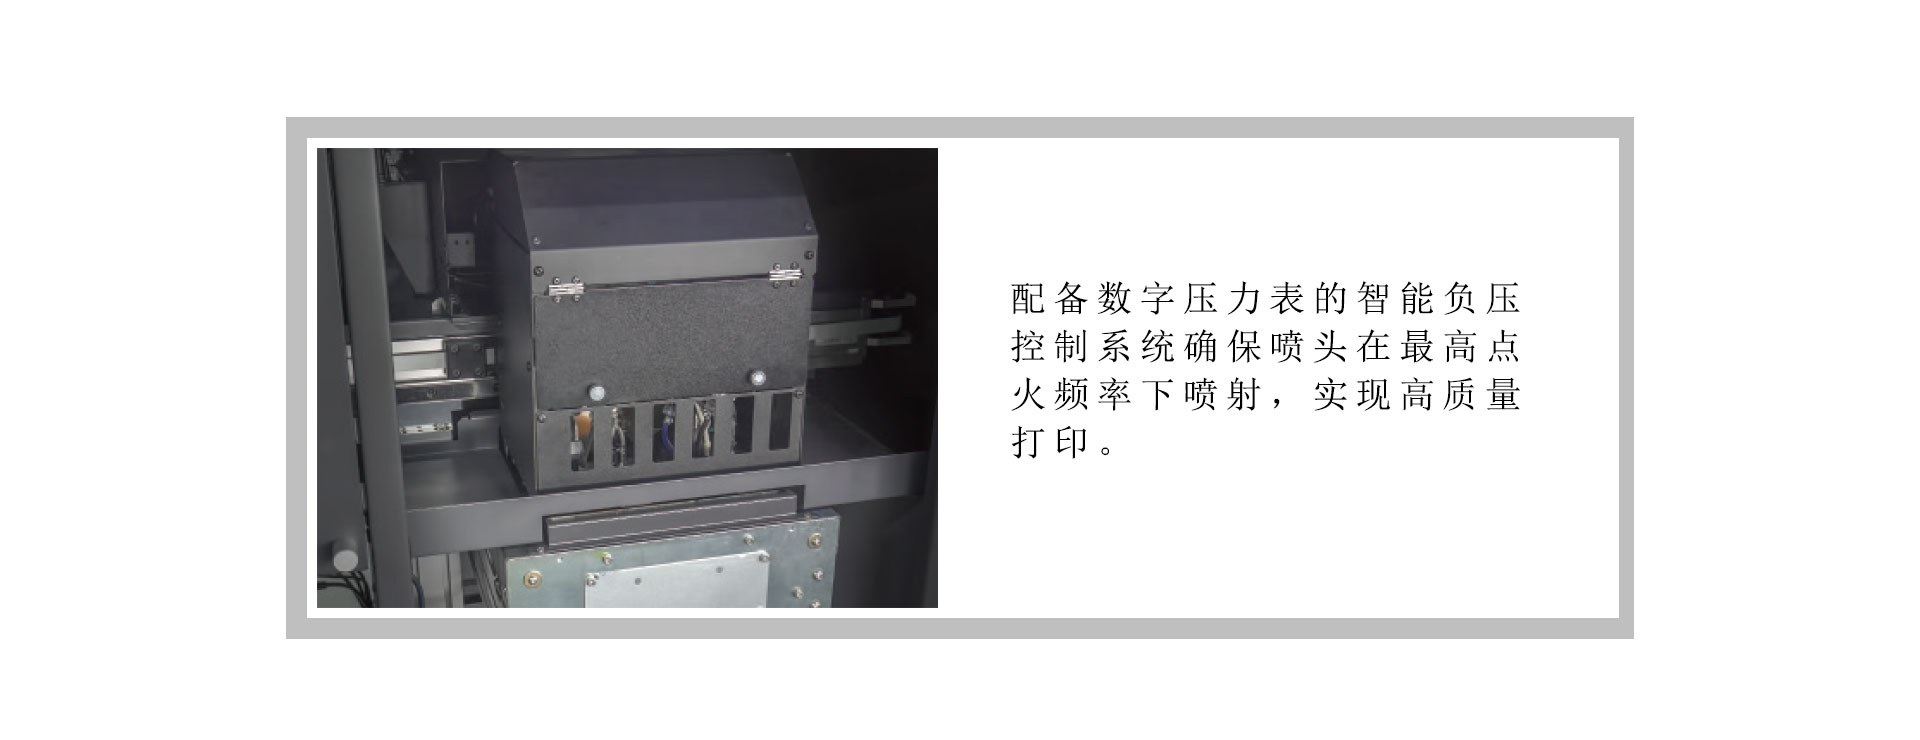 飞鱼(T恤/裁片)数码印花机